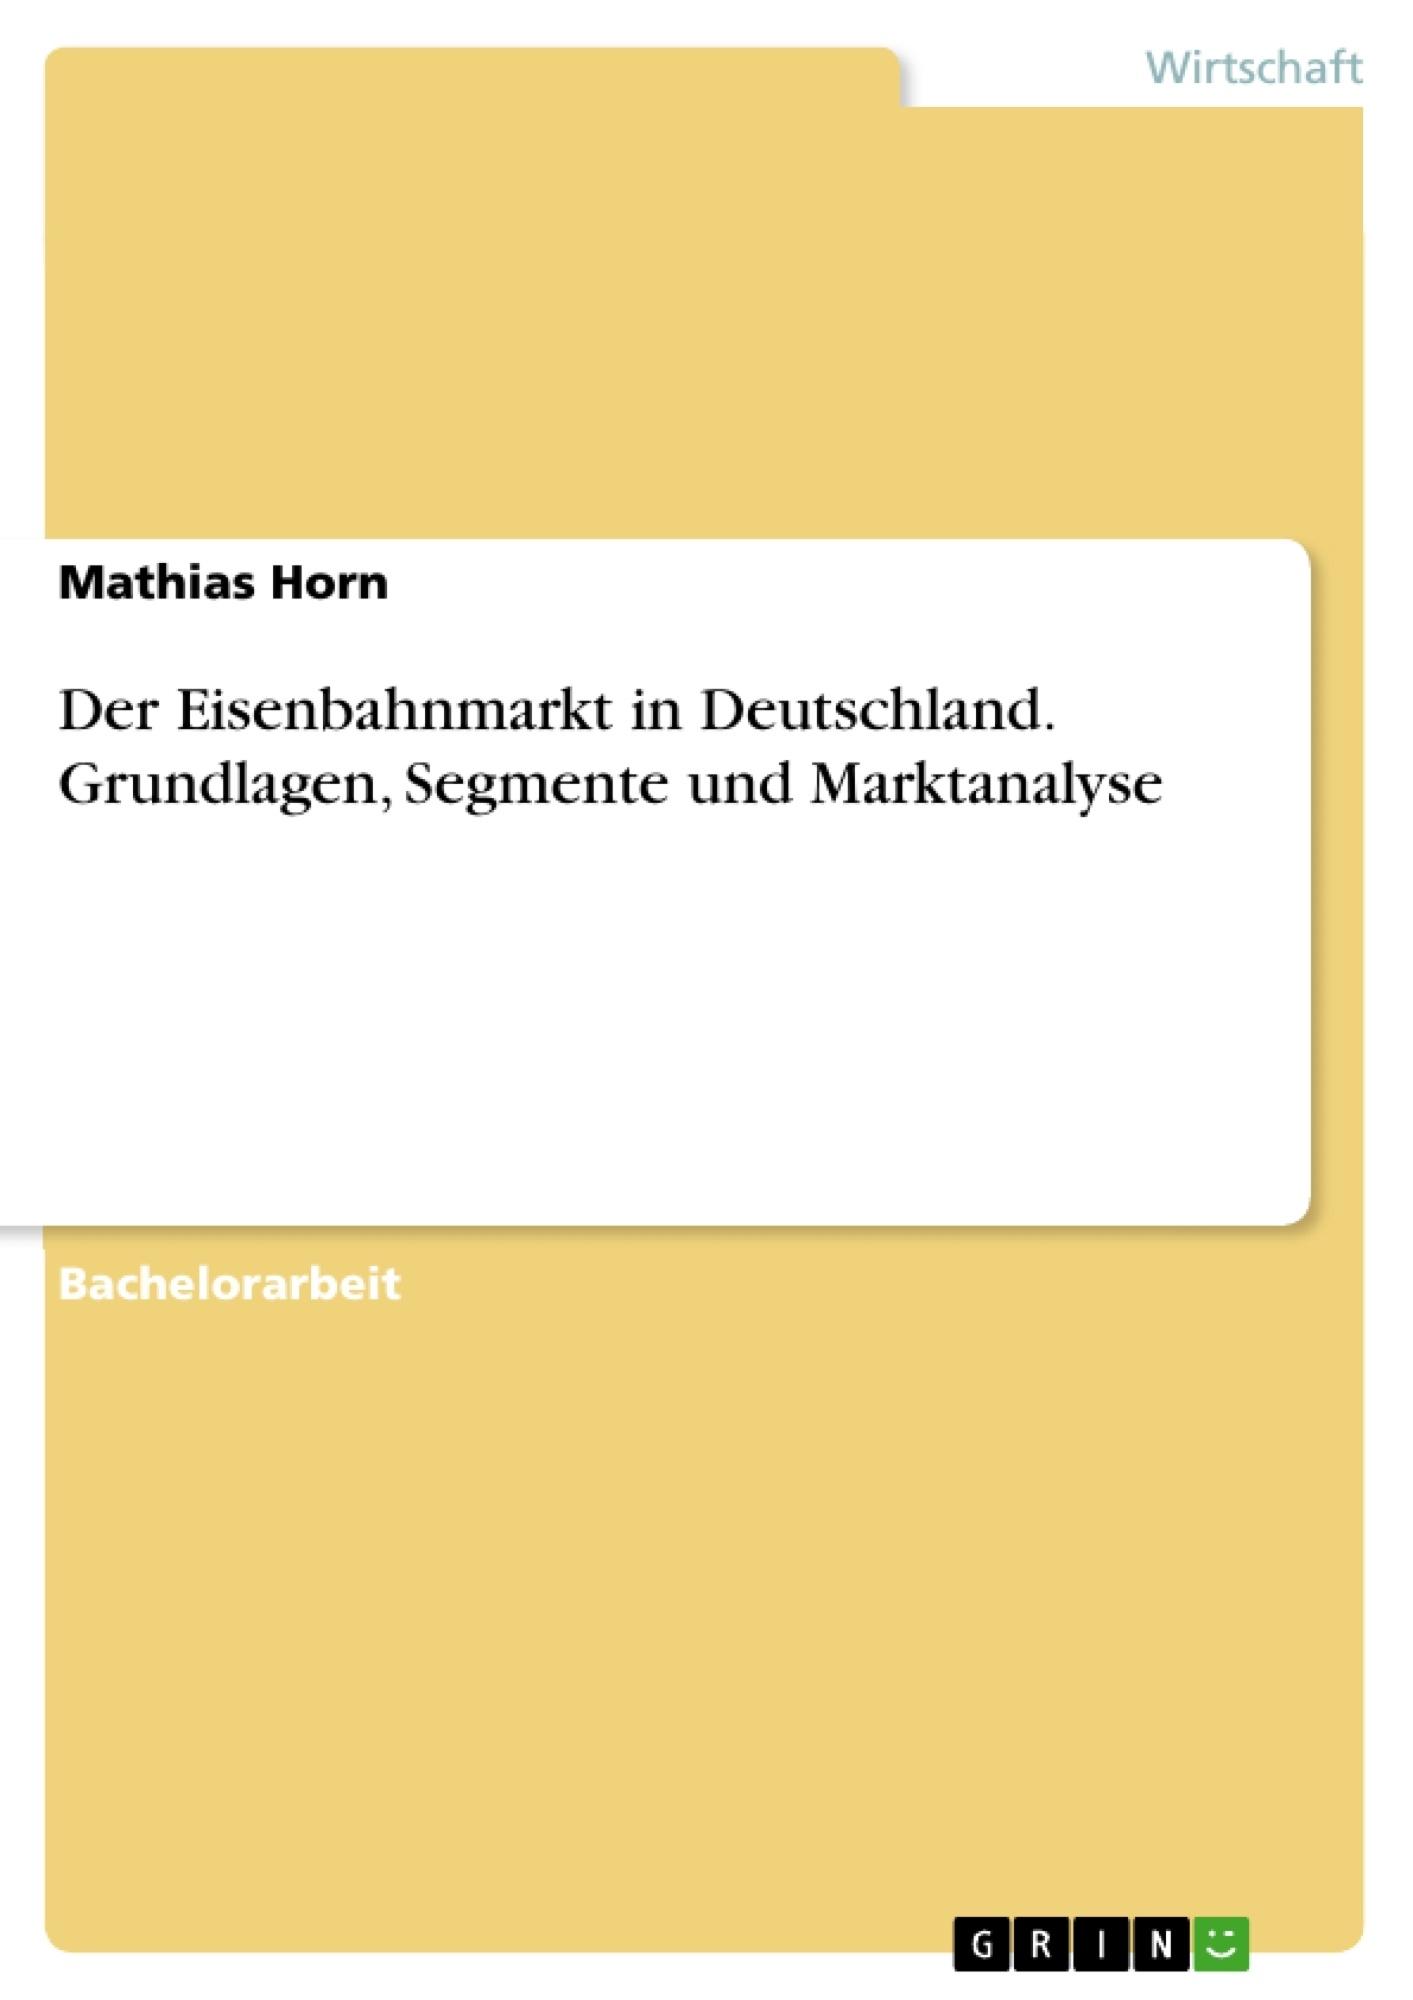 Titel: Der Eisenbahnmarkt in Deutschland. Grundlagen, Segmente und Marktanalyse